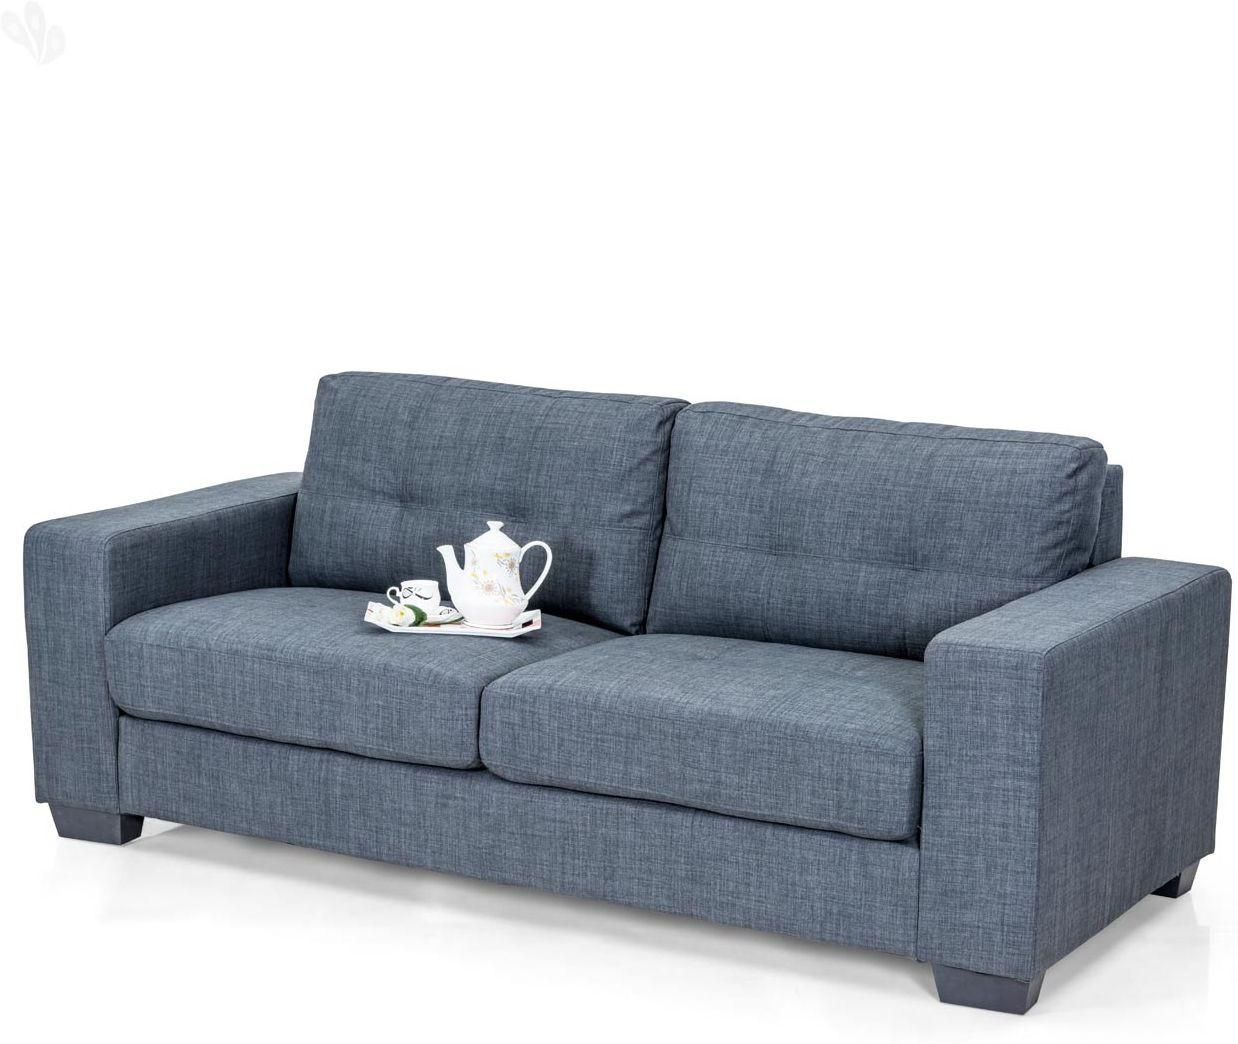 Royal oak berlin fabric 3 seater sofa 2018 parisarafo Choice Image